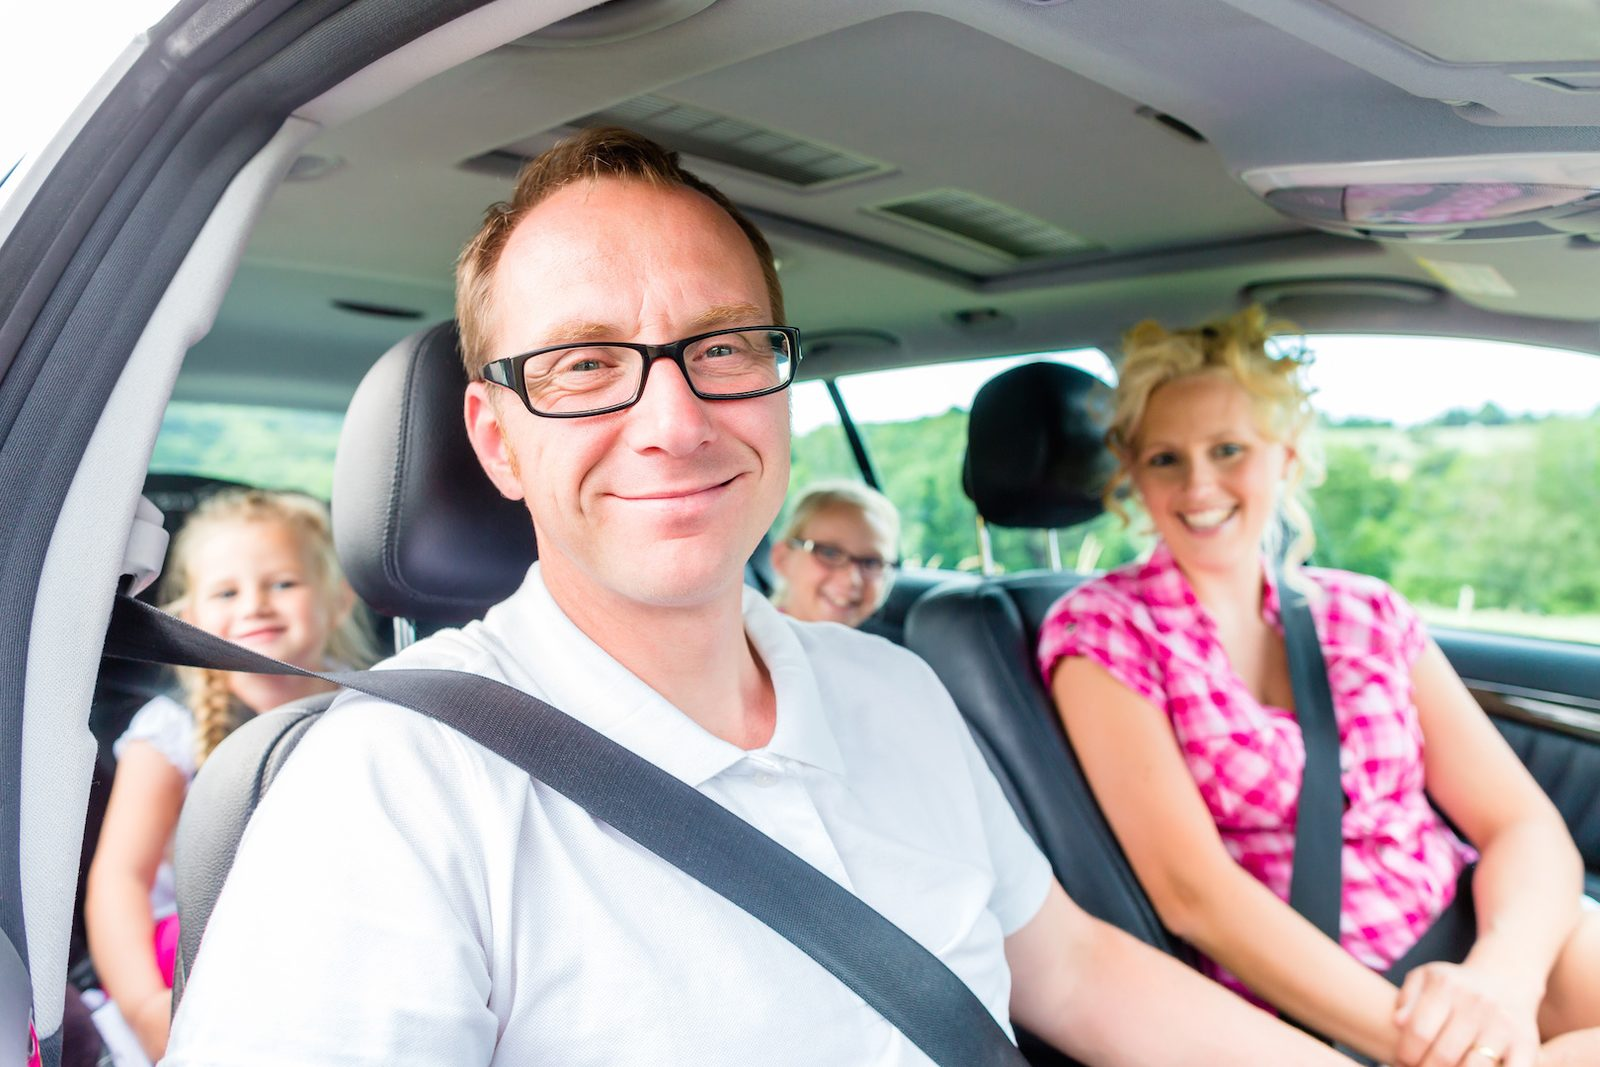 Skiurlaub? Vermeiden Sie Verkehr und Ladestationsstress!